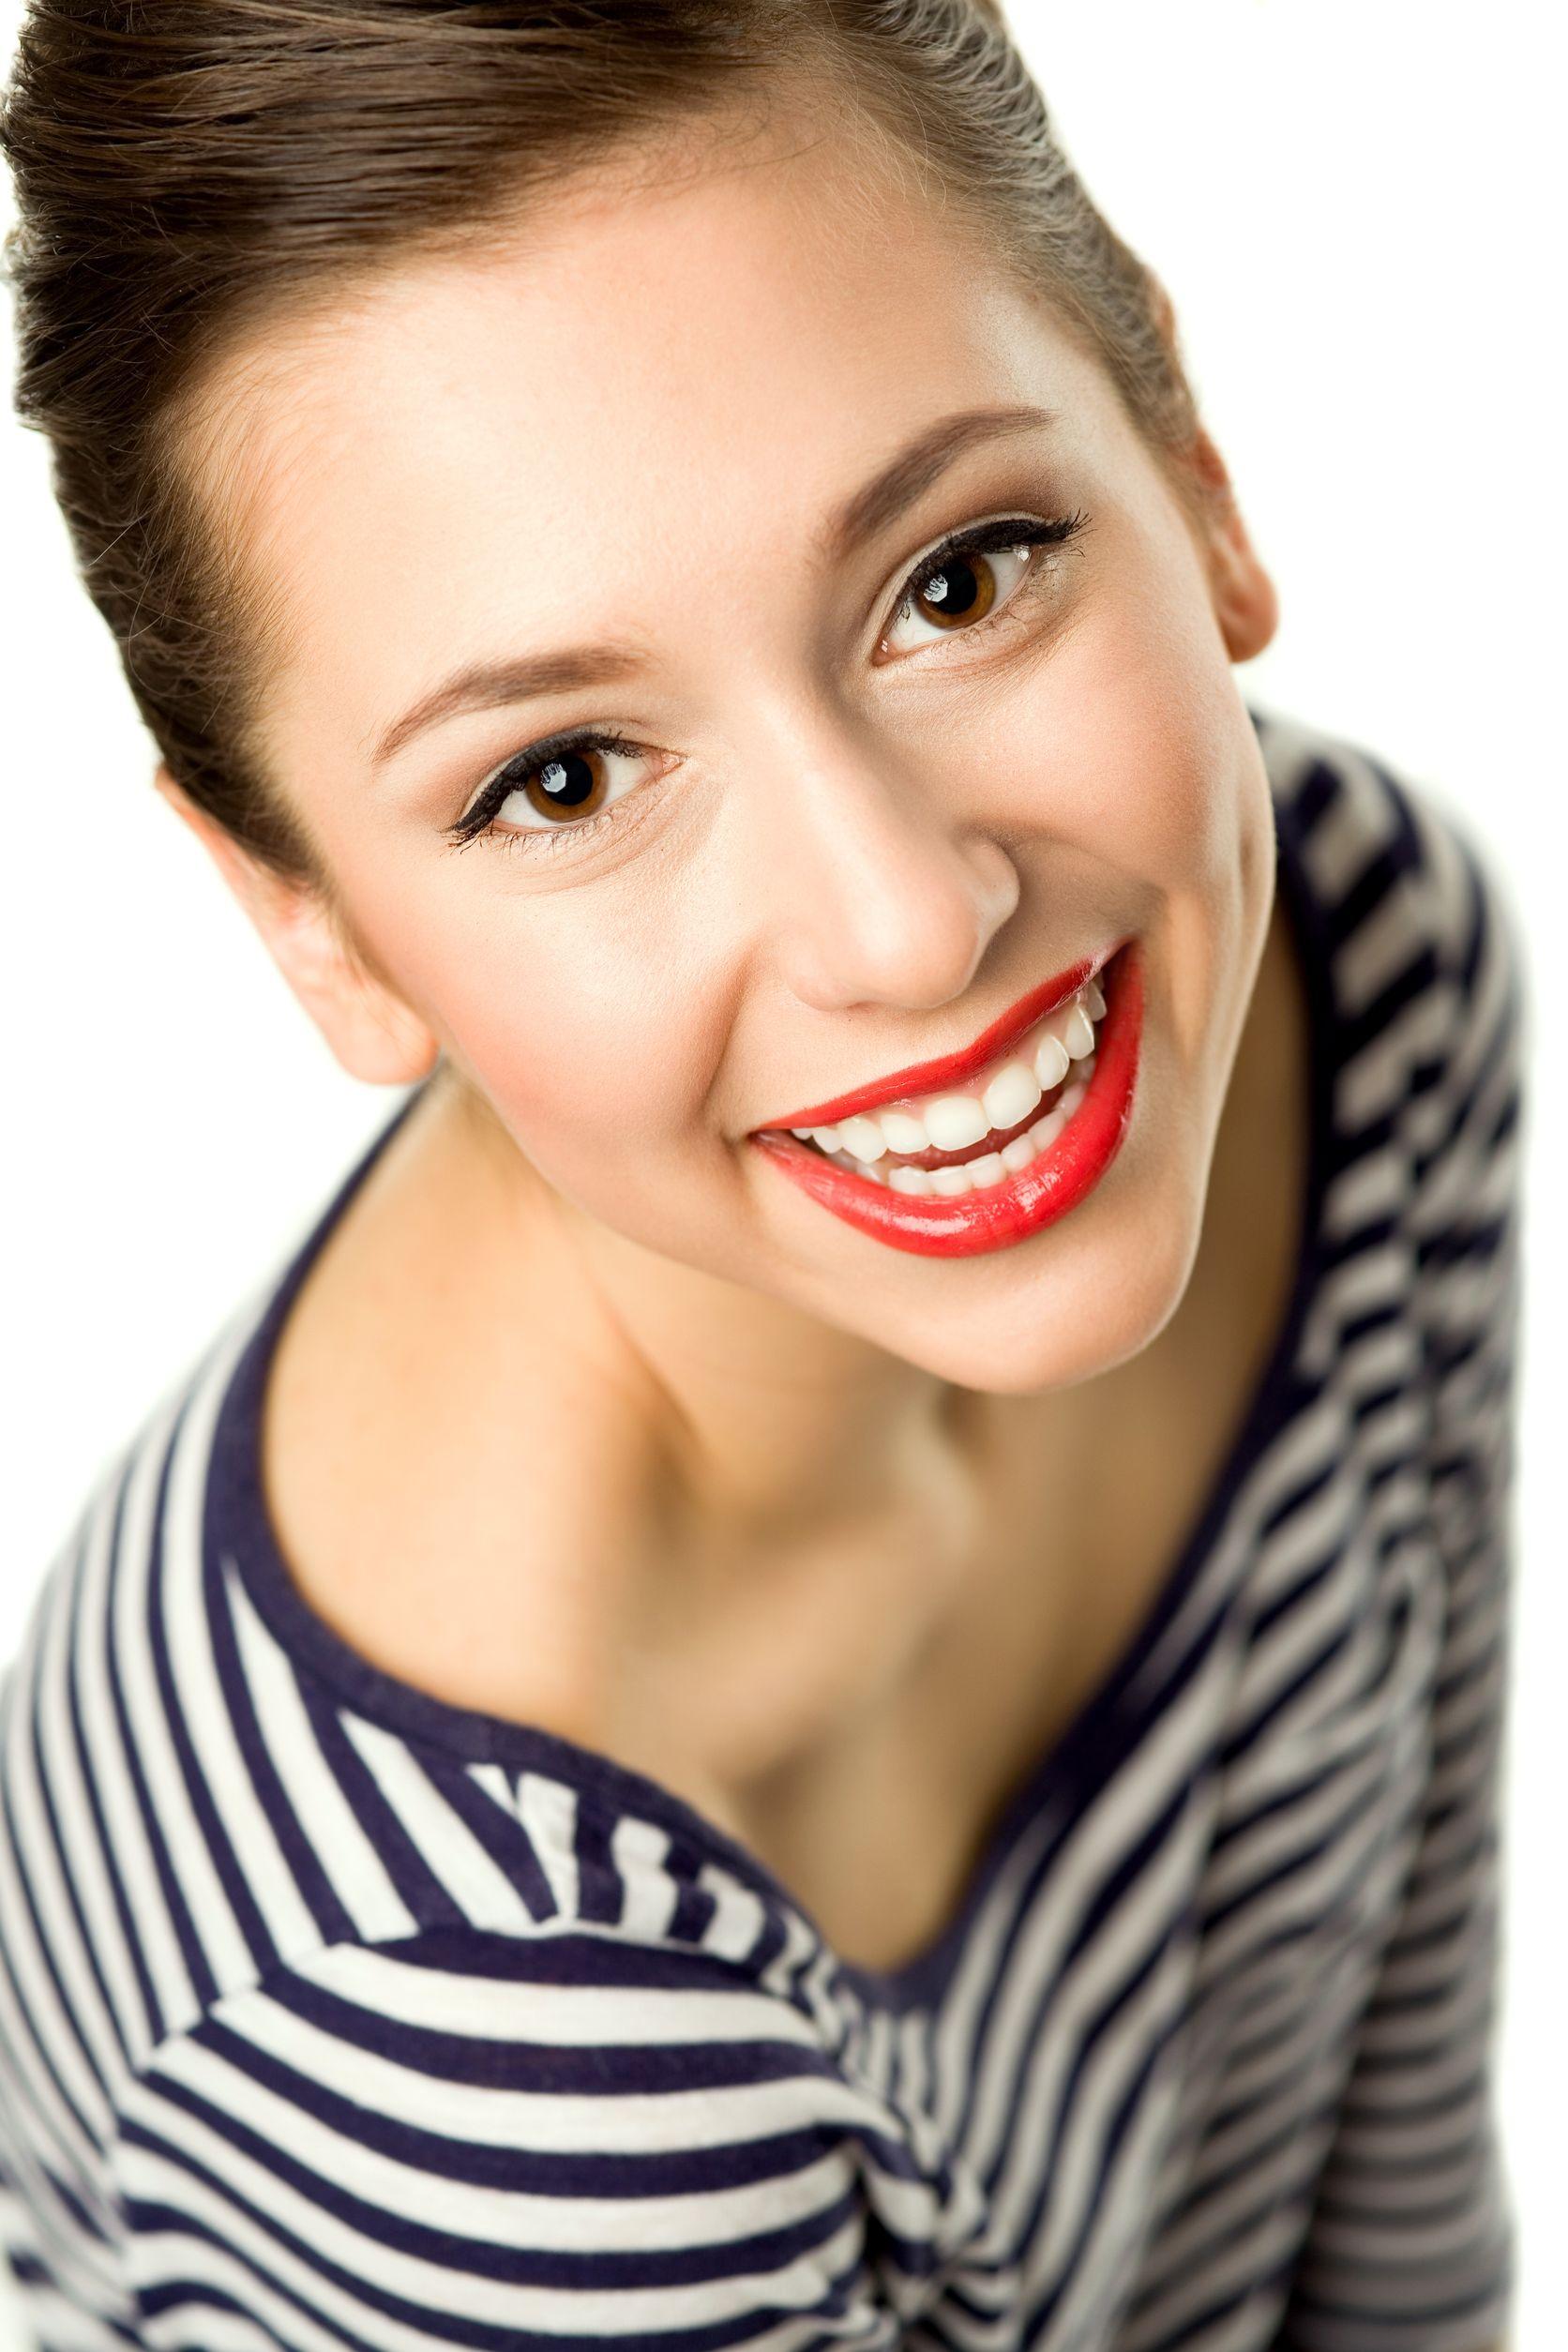 Cosmetic dentist in Oak Ridge